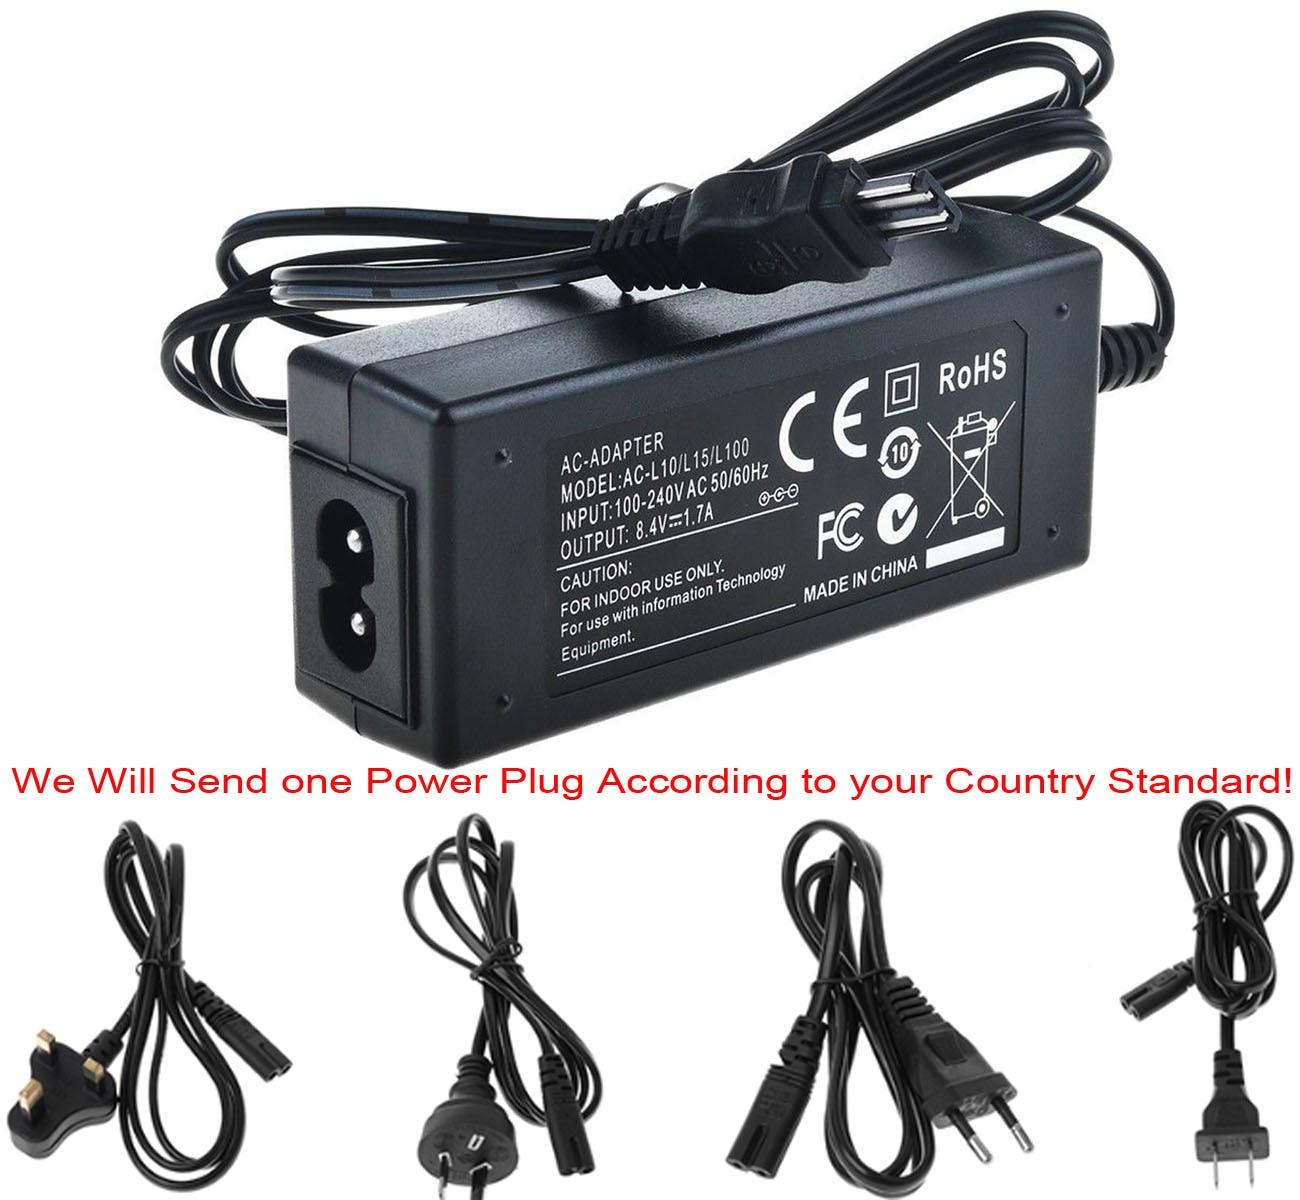 AC Cargador/adaptador de corriente para Sony HVR-A1E... HDR-HC1E... HDR-SR1E... HDR-UX1E... HDR-FX1E... HDR-FX7E......